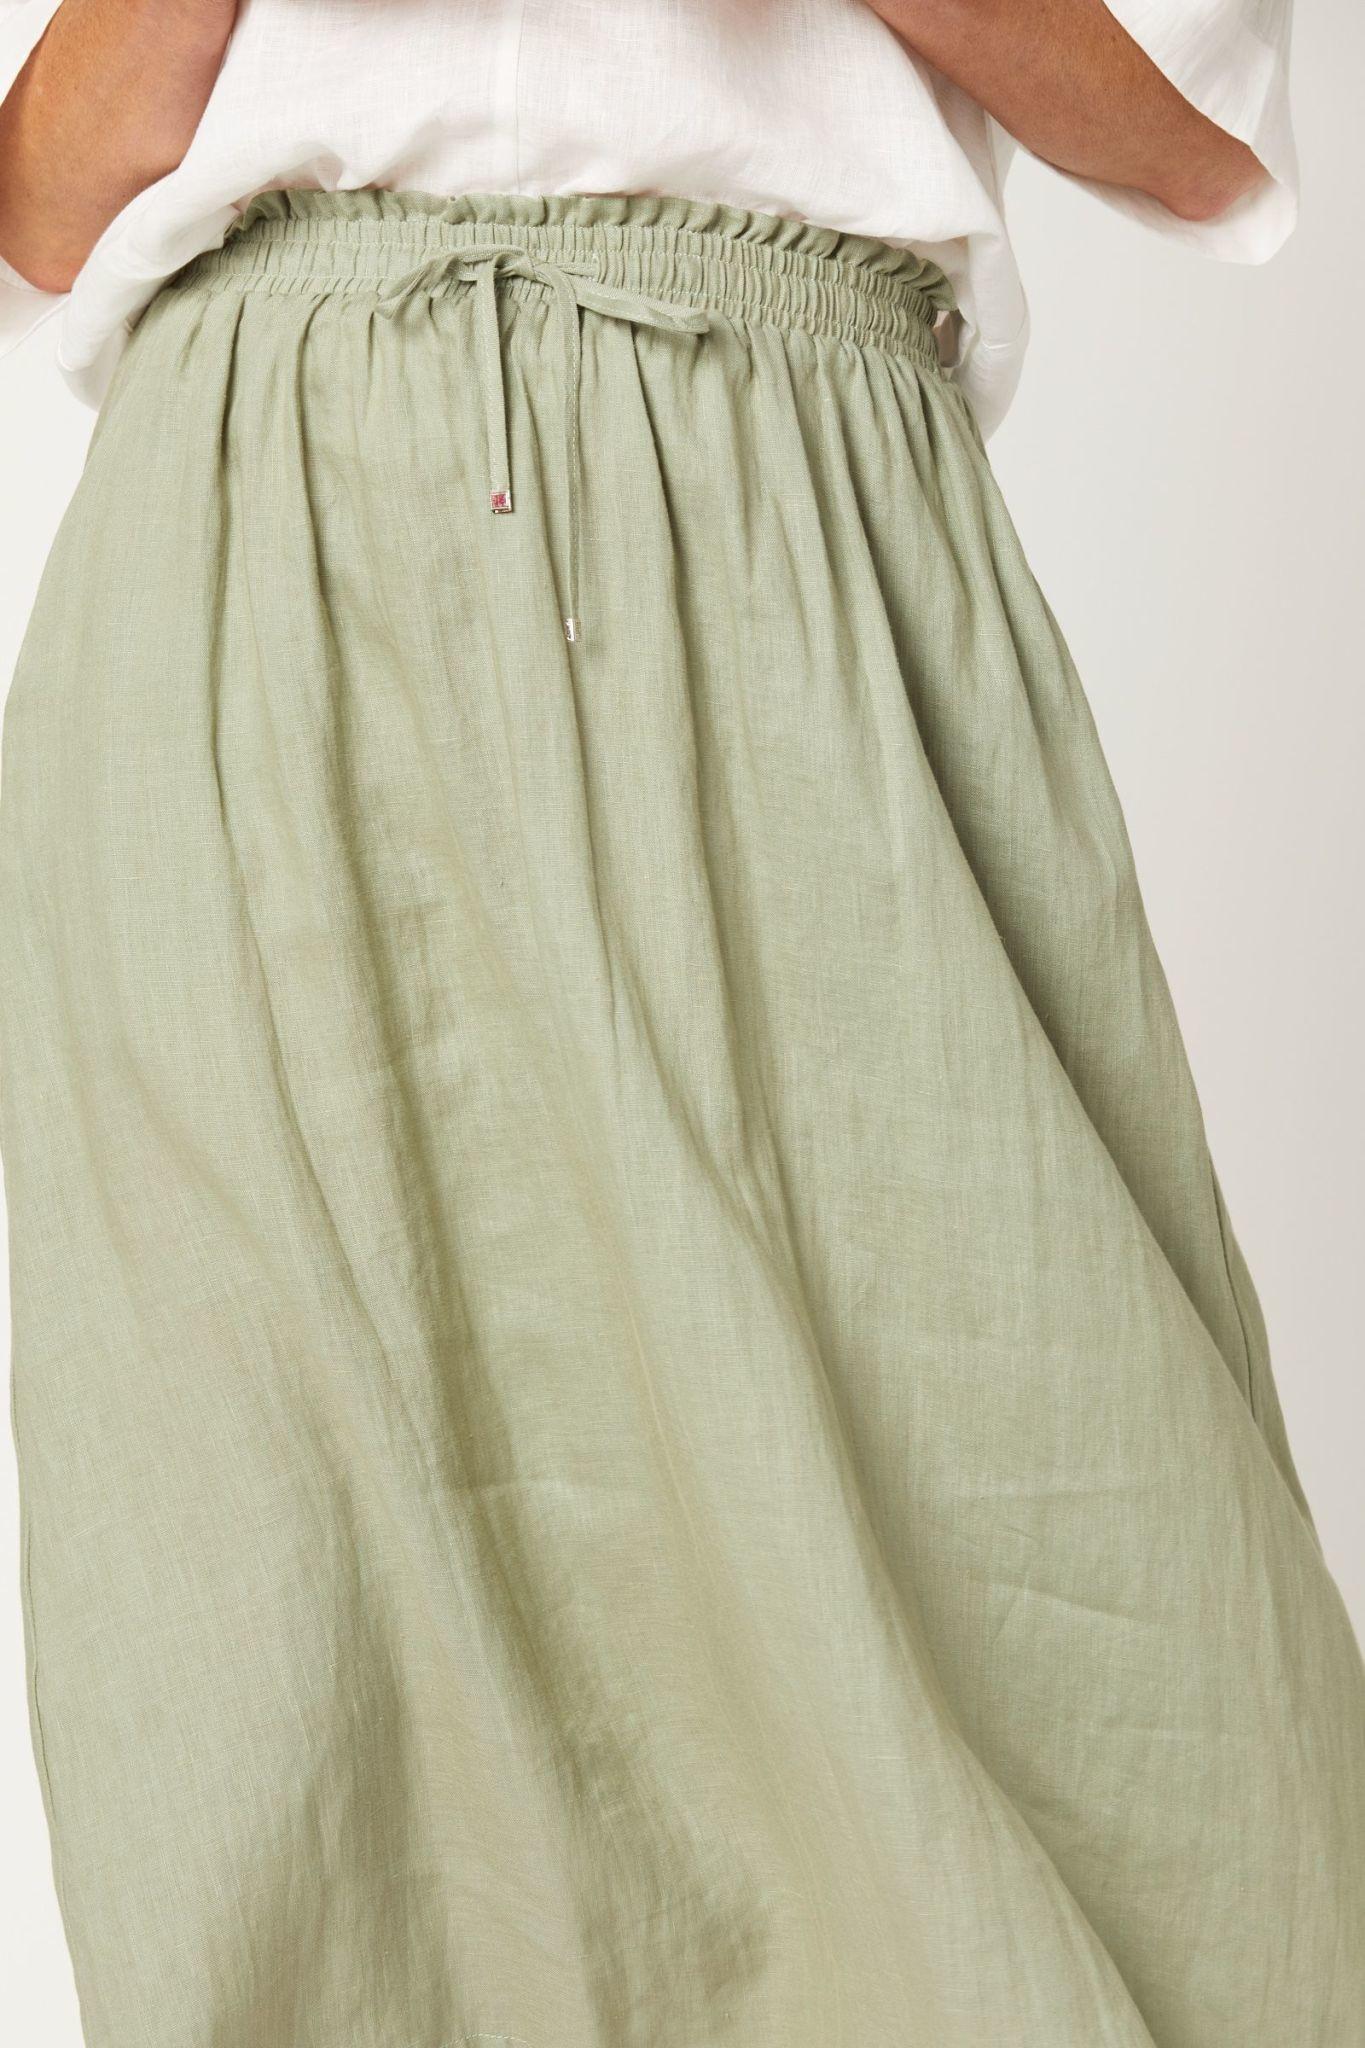 Eb & Ive Nala Skirt